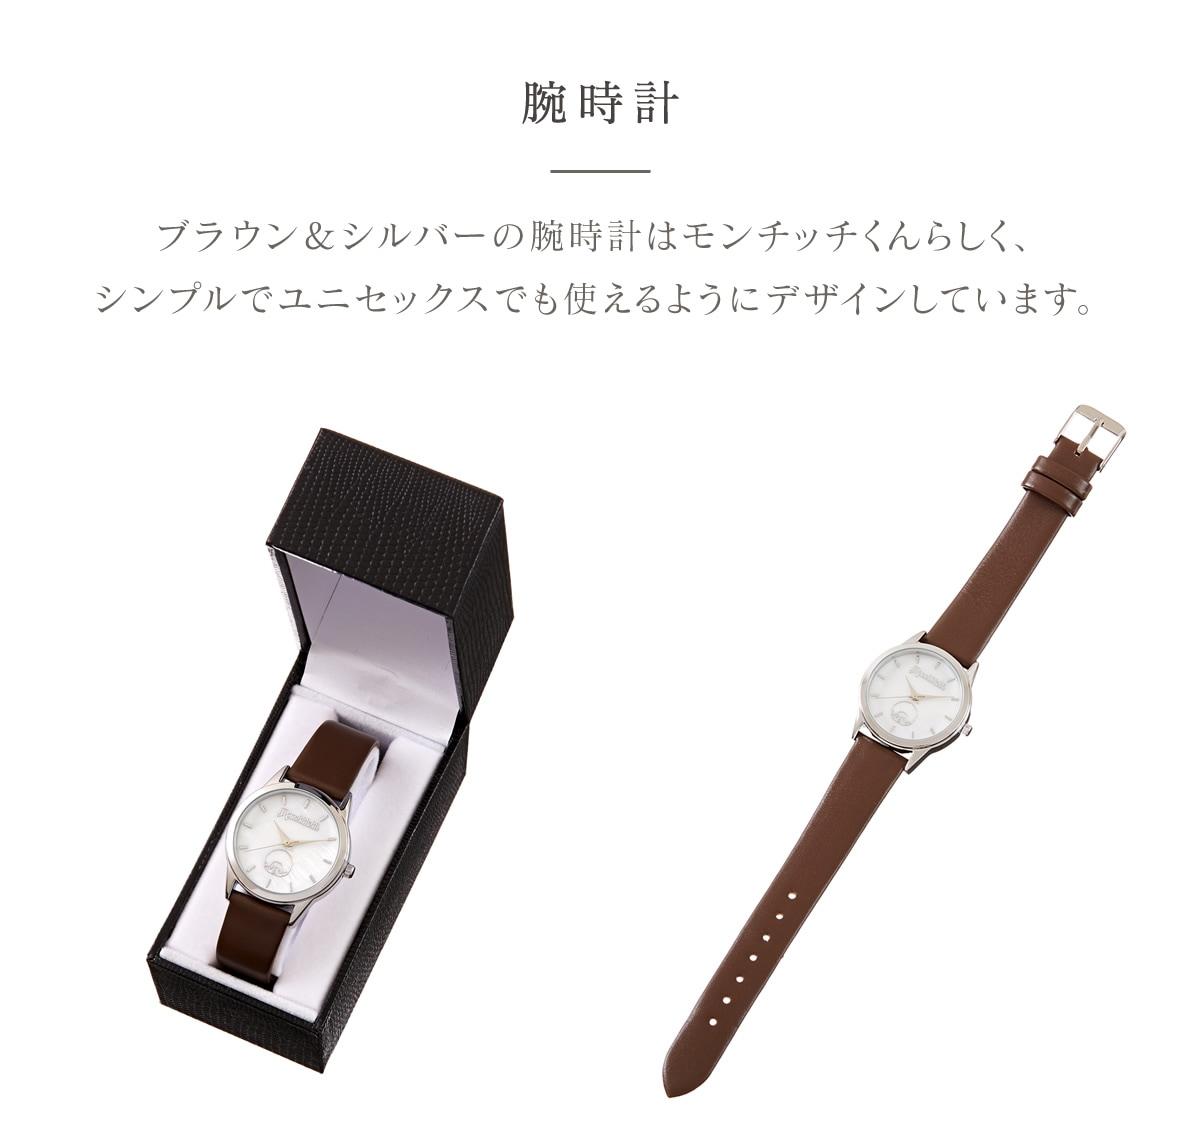 モンチッチくん 腕時計セット(ブラウン&シルバー) 11